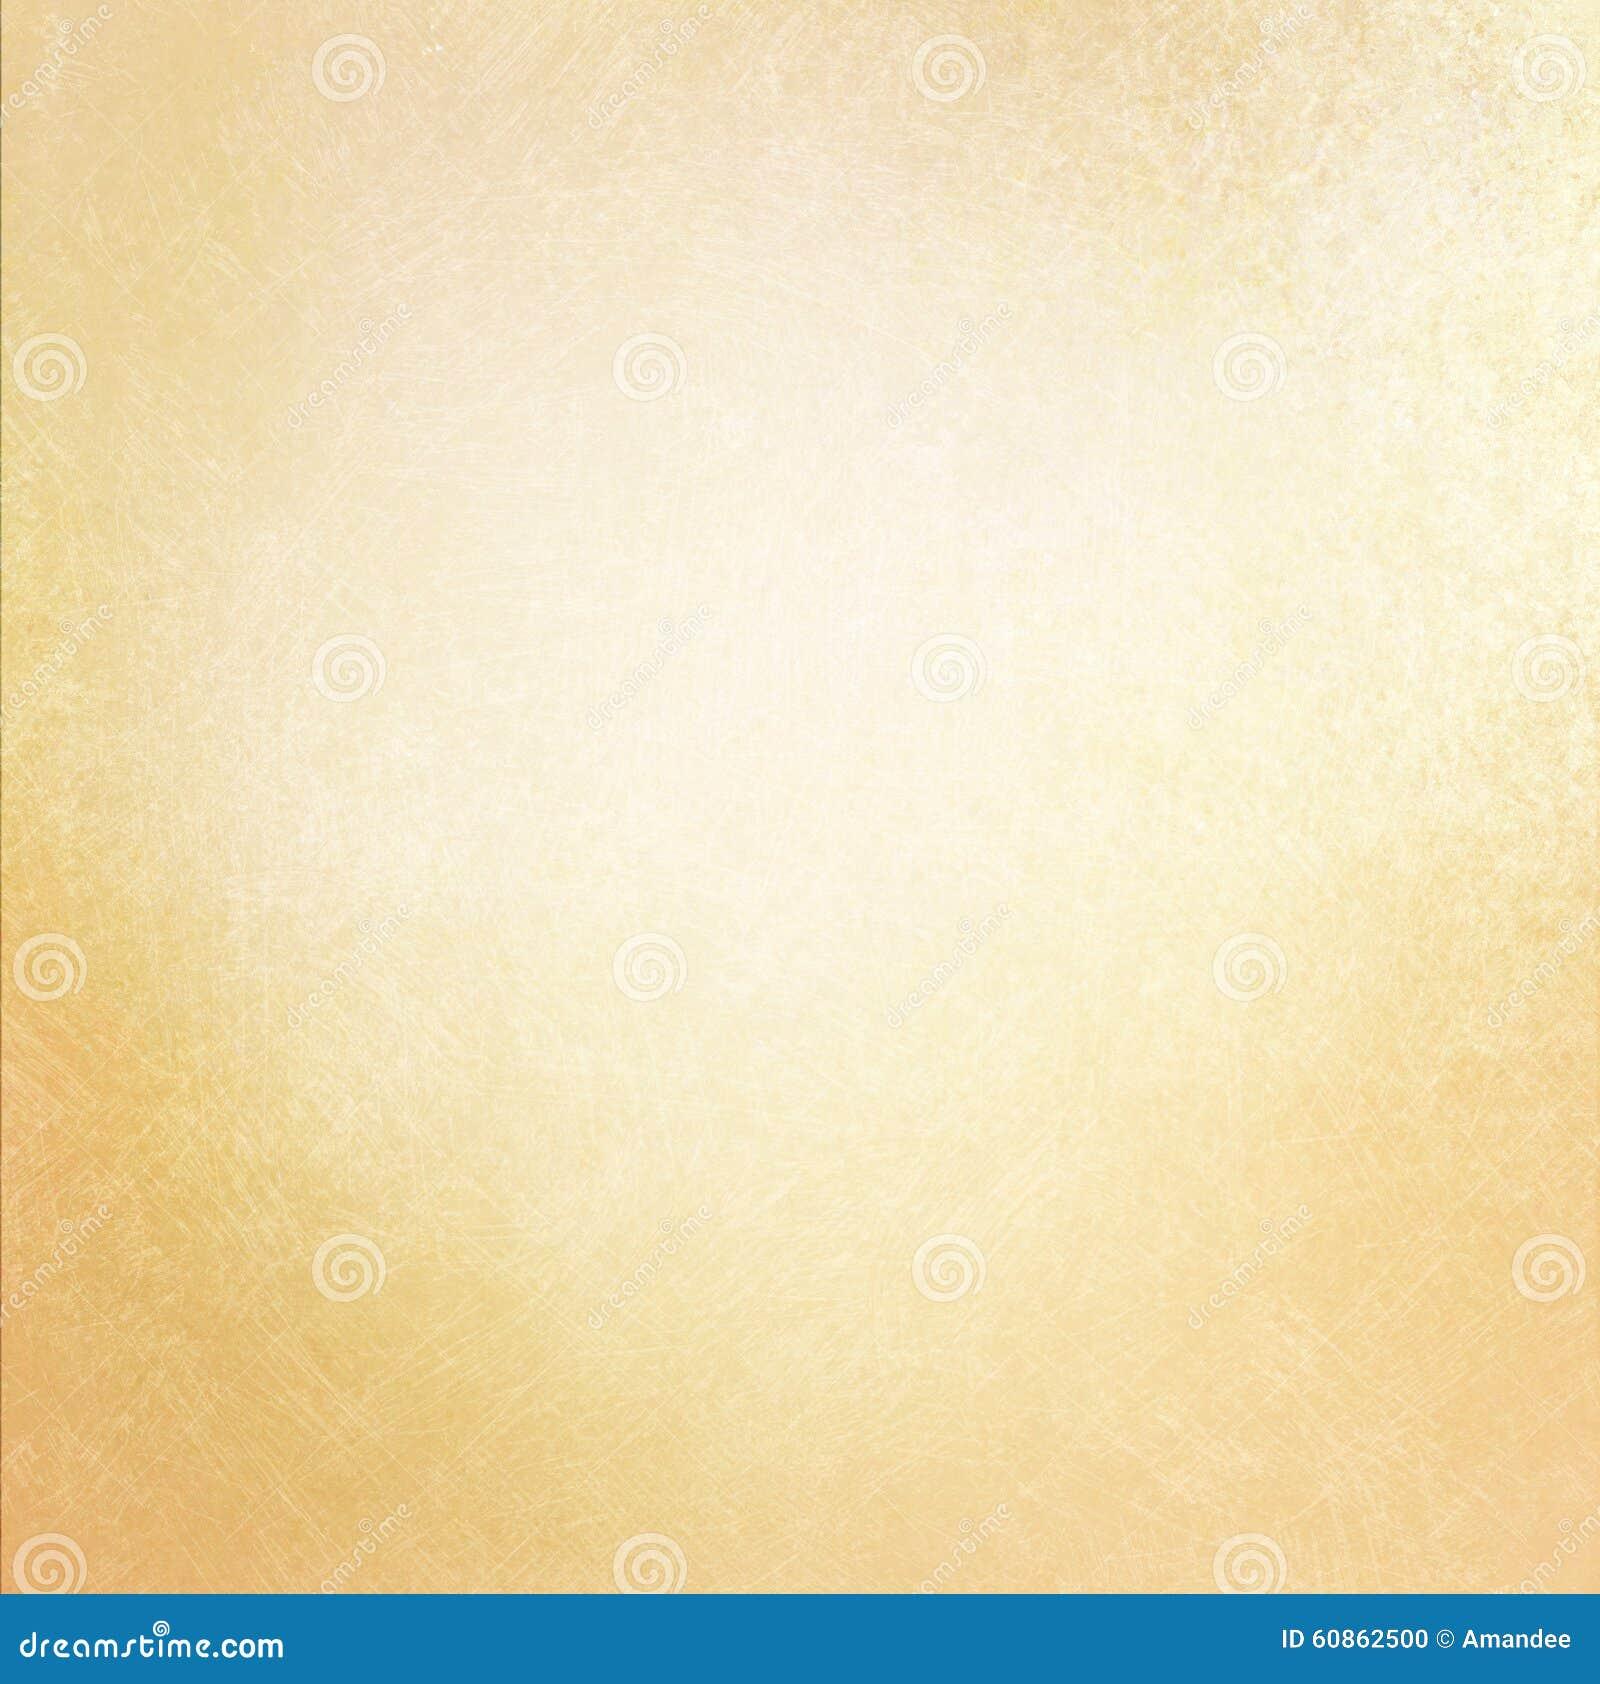 Rocznika stary papierowy tło z miękkim złocistym kolorem i porysowaną teksturą